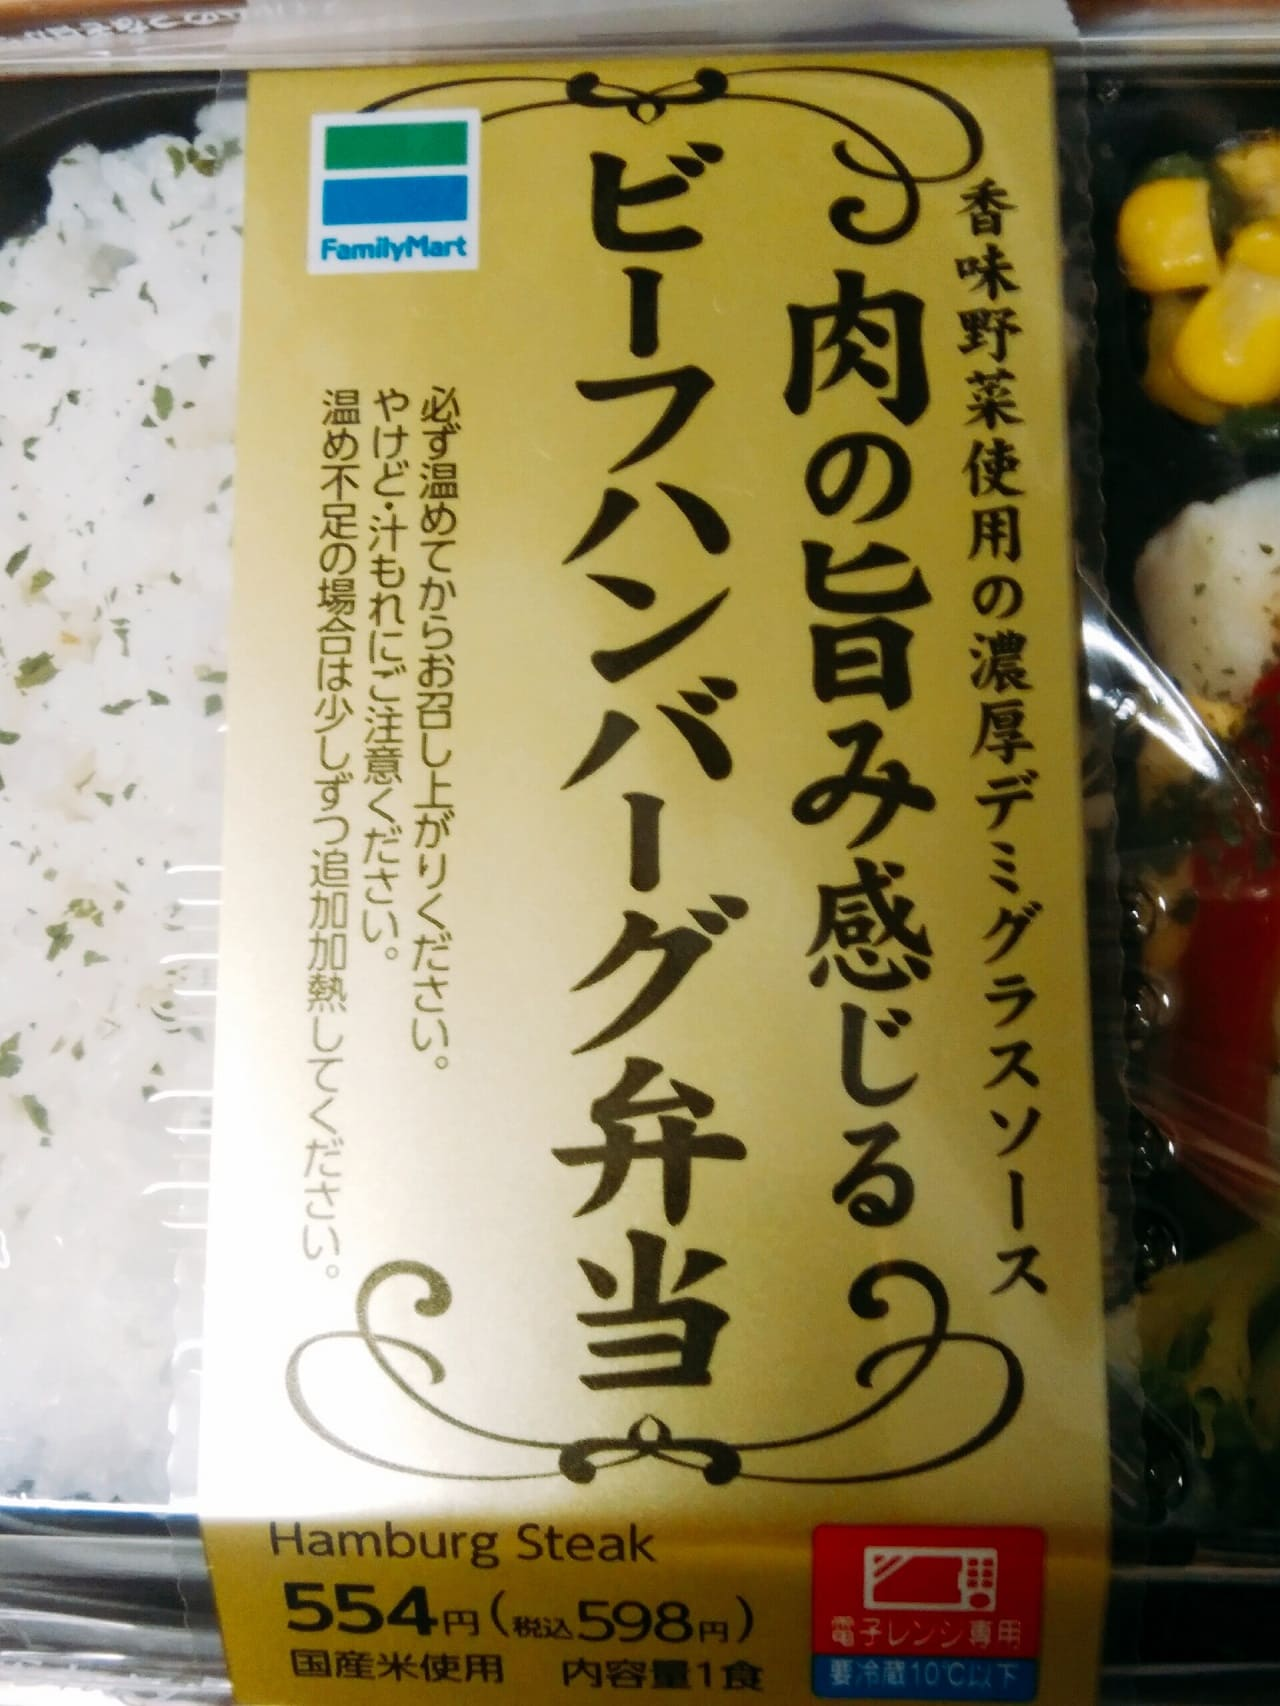 ビーフハンバーグ弁当のパッケージ